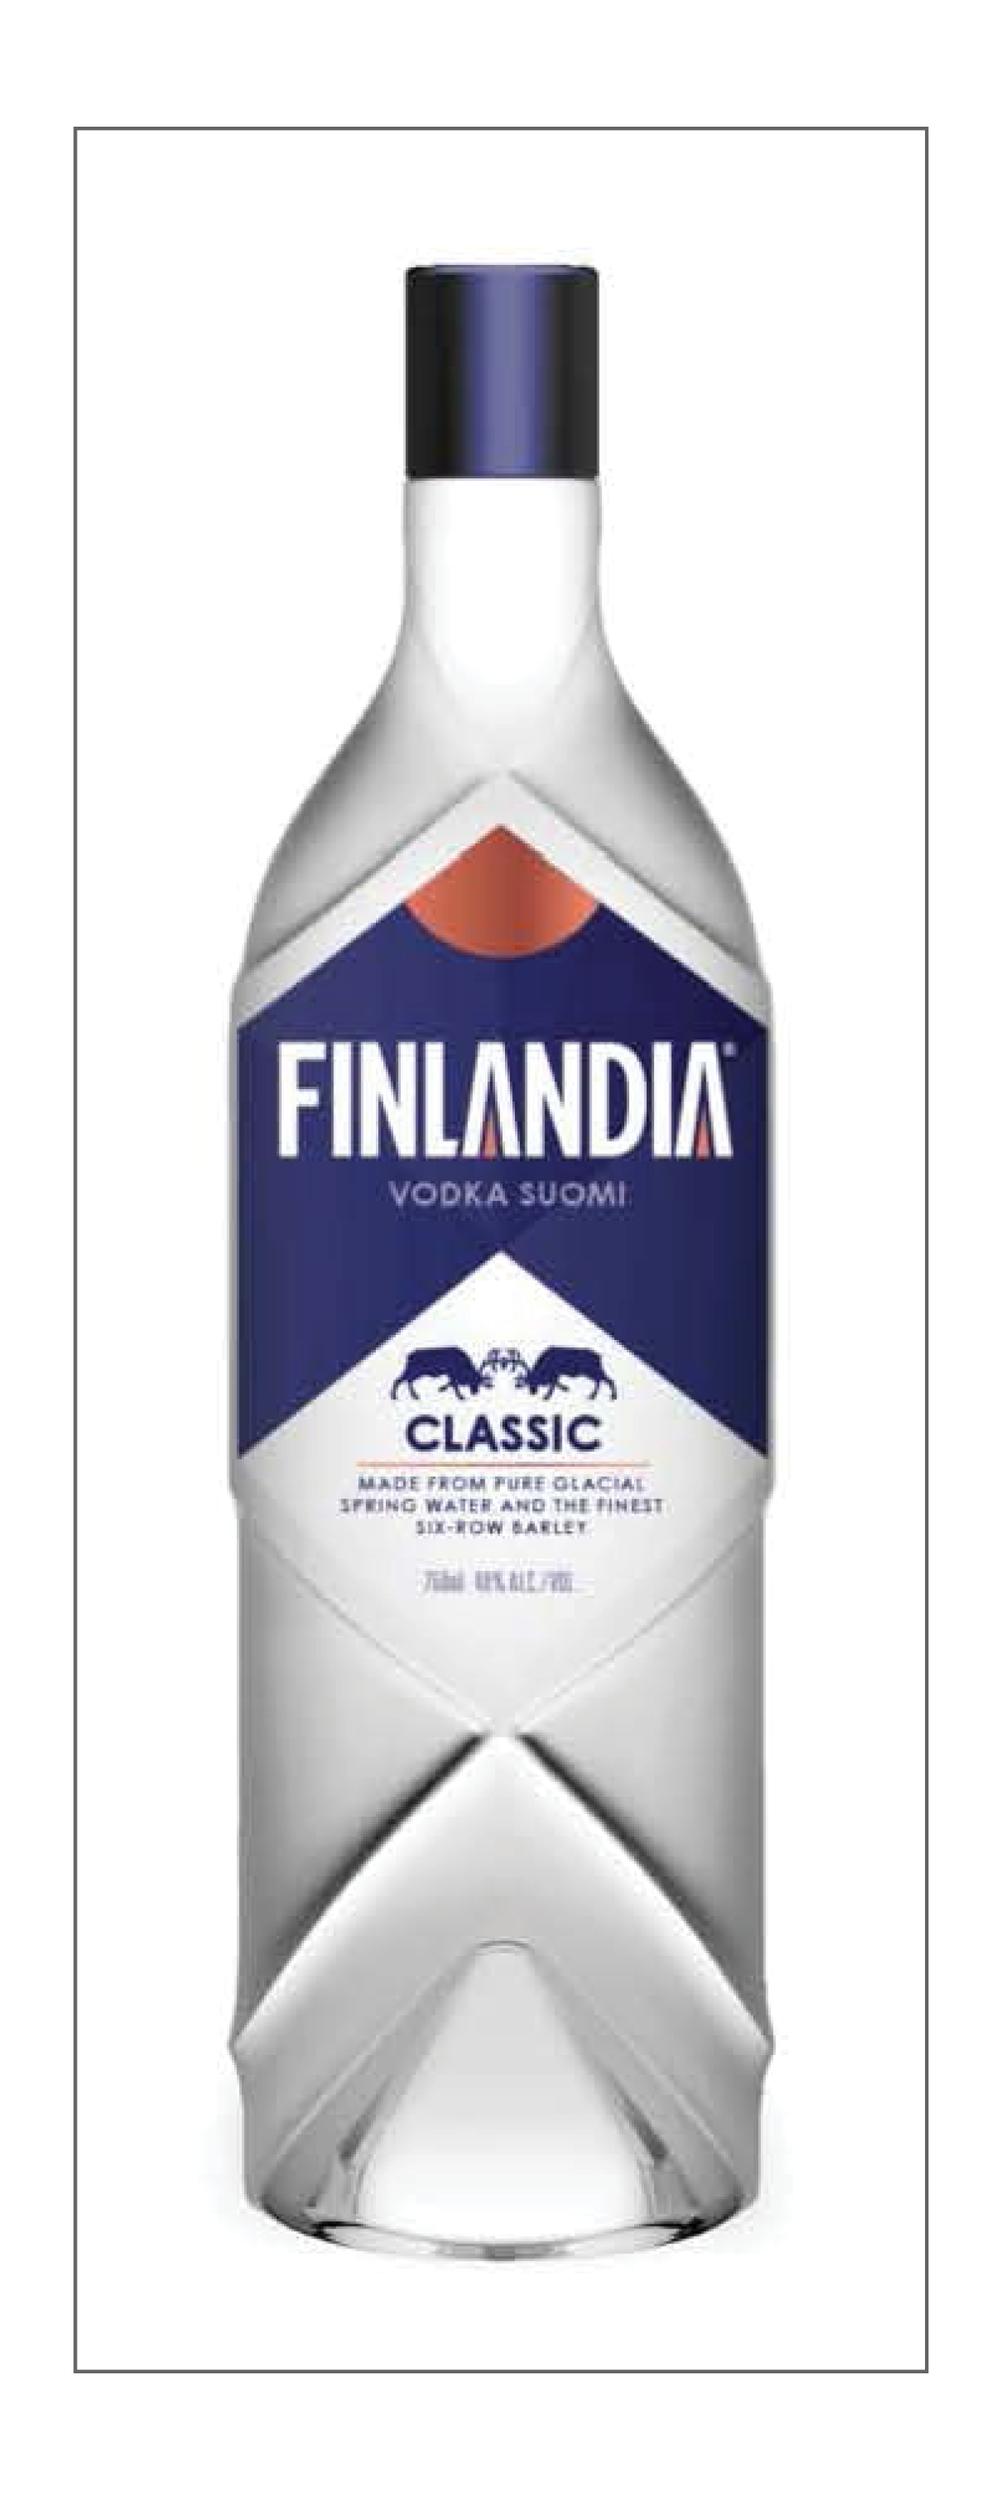 FV_Bottle_concepts13.png